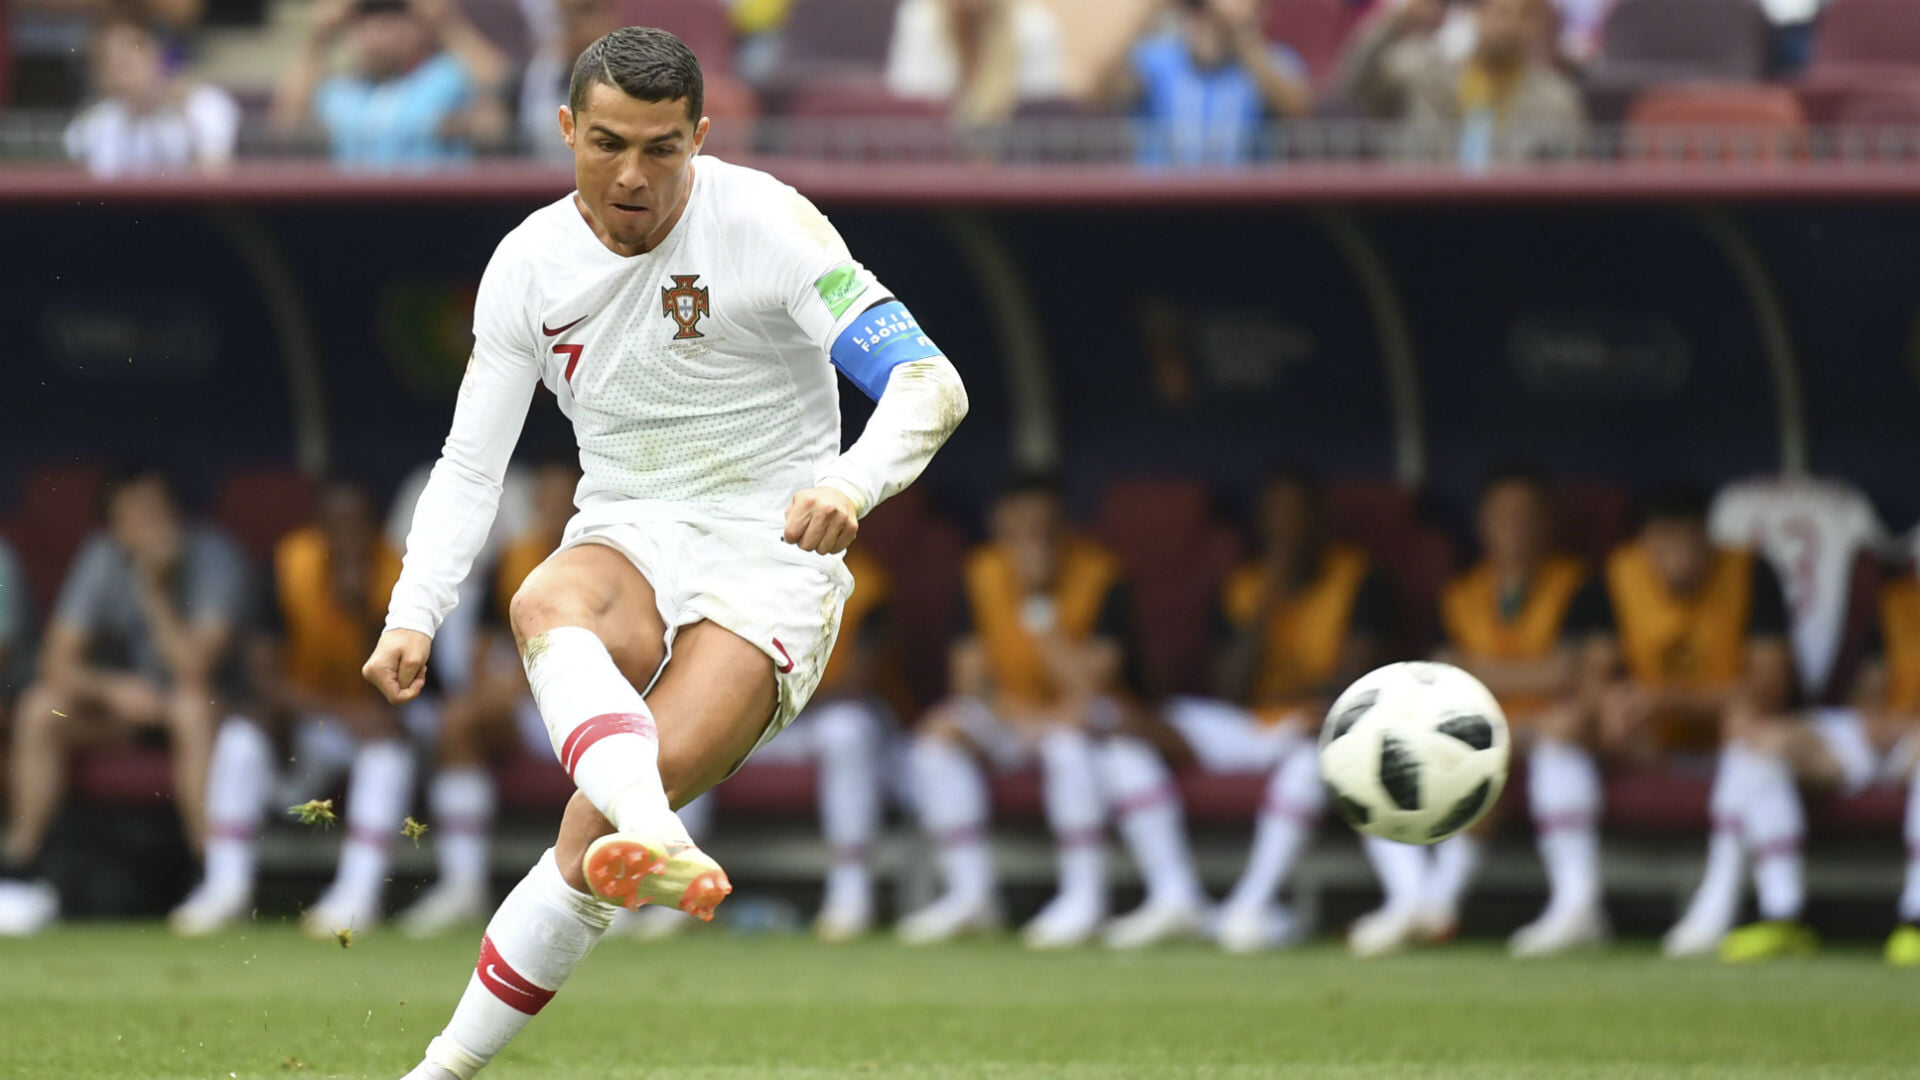 Роналду пробил 50 штрафных за Португалию на Евро и ЧМ. У него один гол